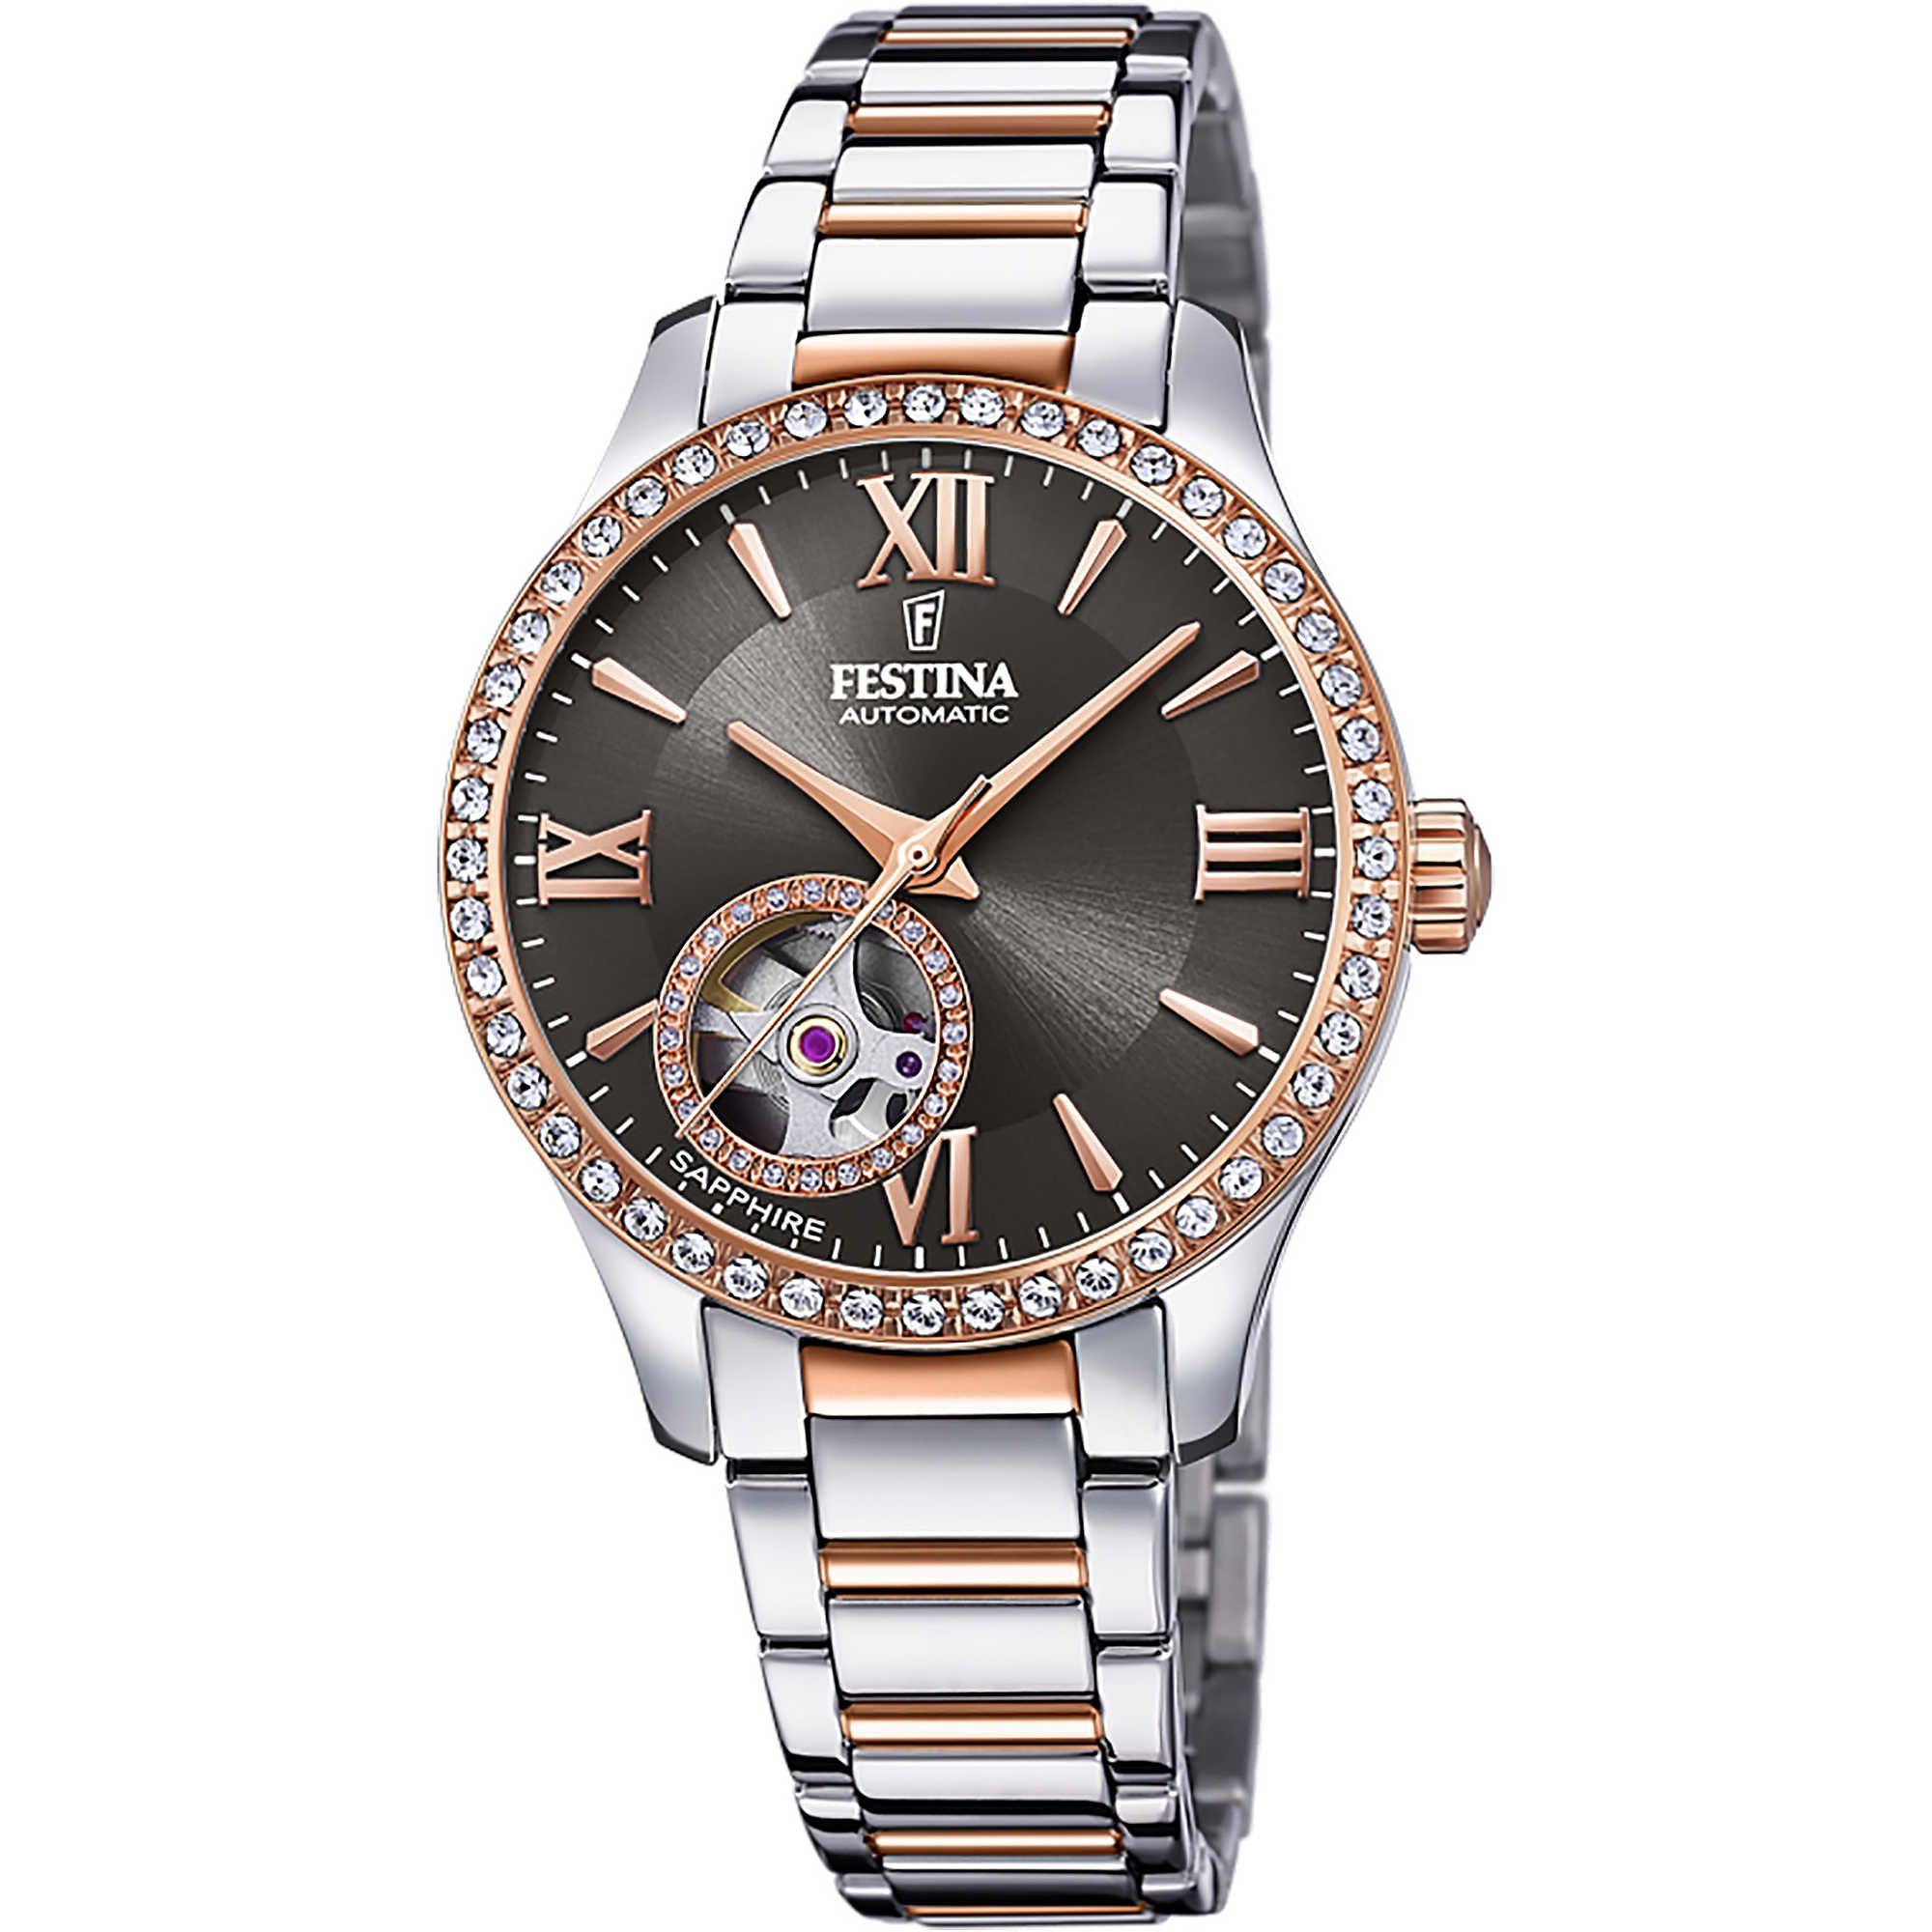 Ρολόι Festina Αυτόματο με Δίχρωμο Μπρασελέ F20487/2 + Δώρο Βραχιόλι